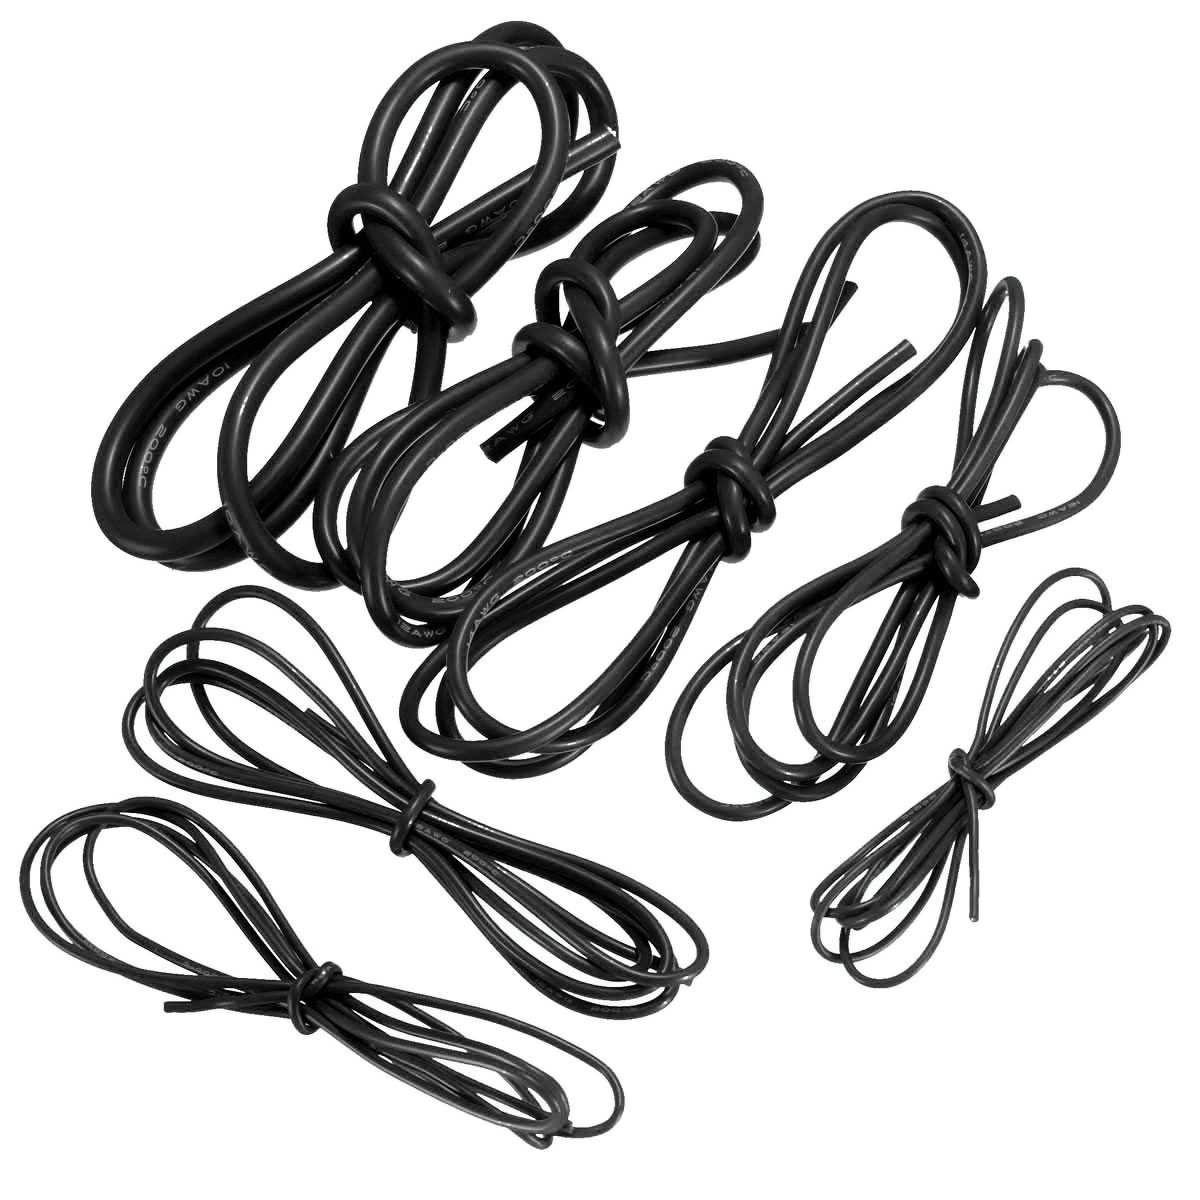 Description : 1 Meter Black Silicone Wire Cable 10 / 12 / 14 / 16 ...